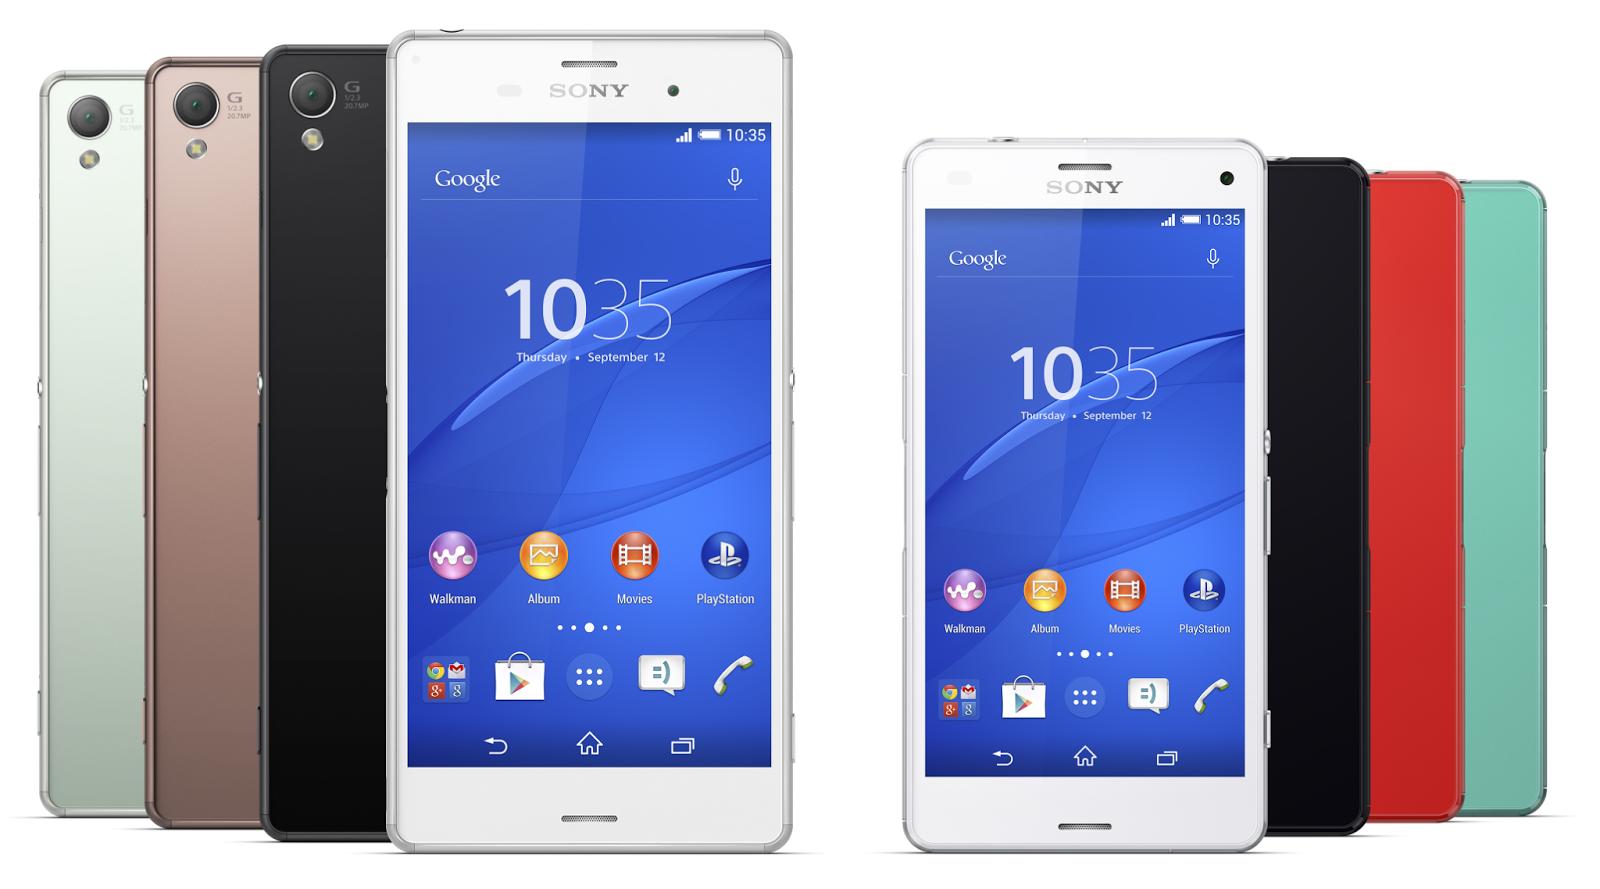 Sony Xperia Z3 dan Sony Xperia Z3 Compact